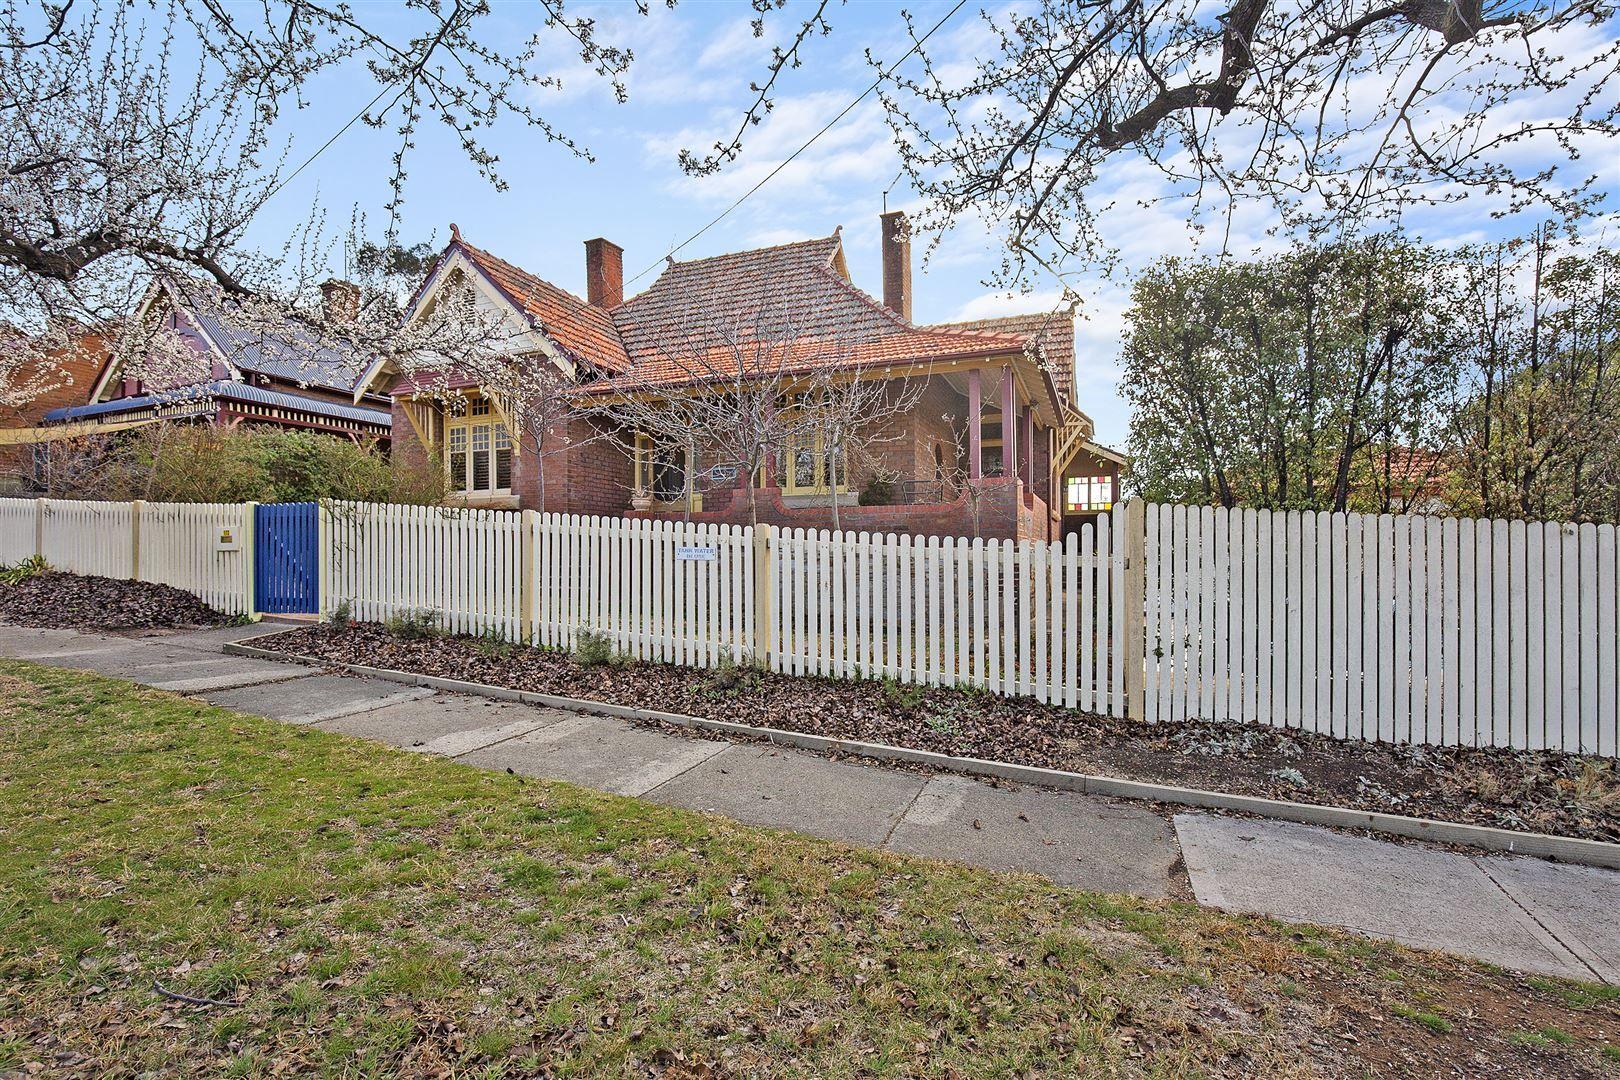 172 Cowper Street, Goulburn NSW 2580, Image 0